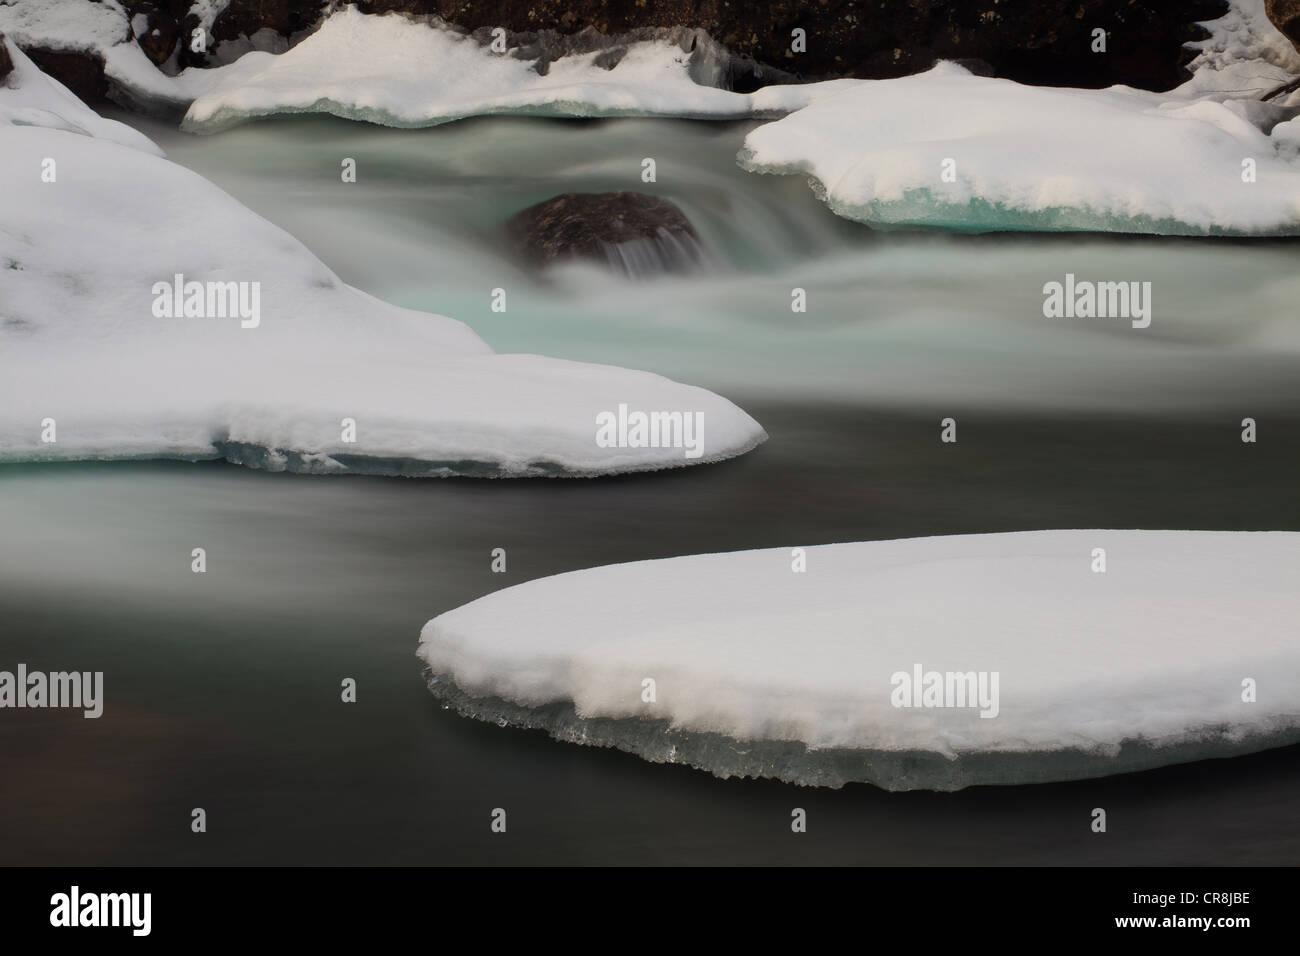 La neige et la glace dans la rivière Rauma, vallée de Romsdalen, Møre og Romsdal (Norvège). Banque D'Images